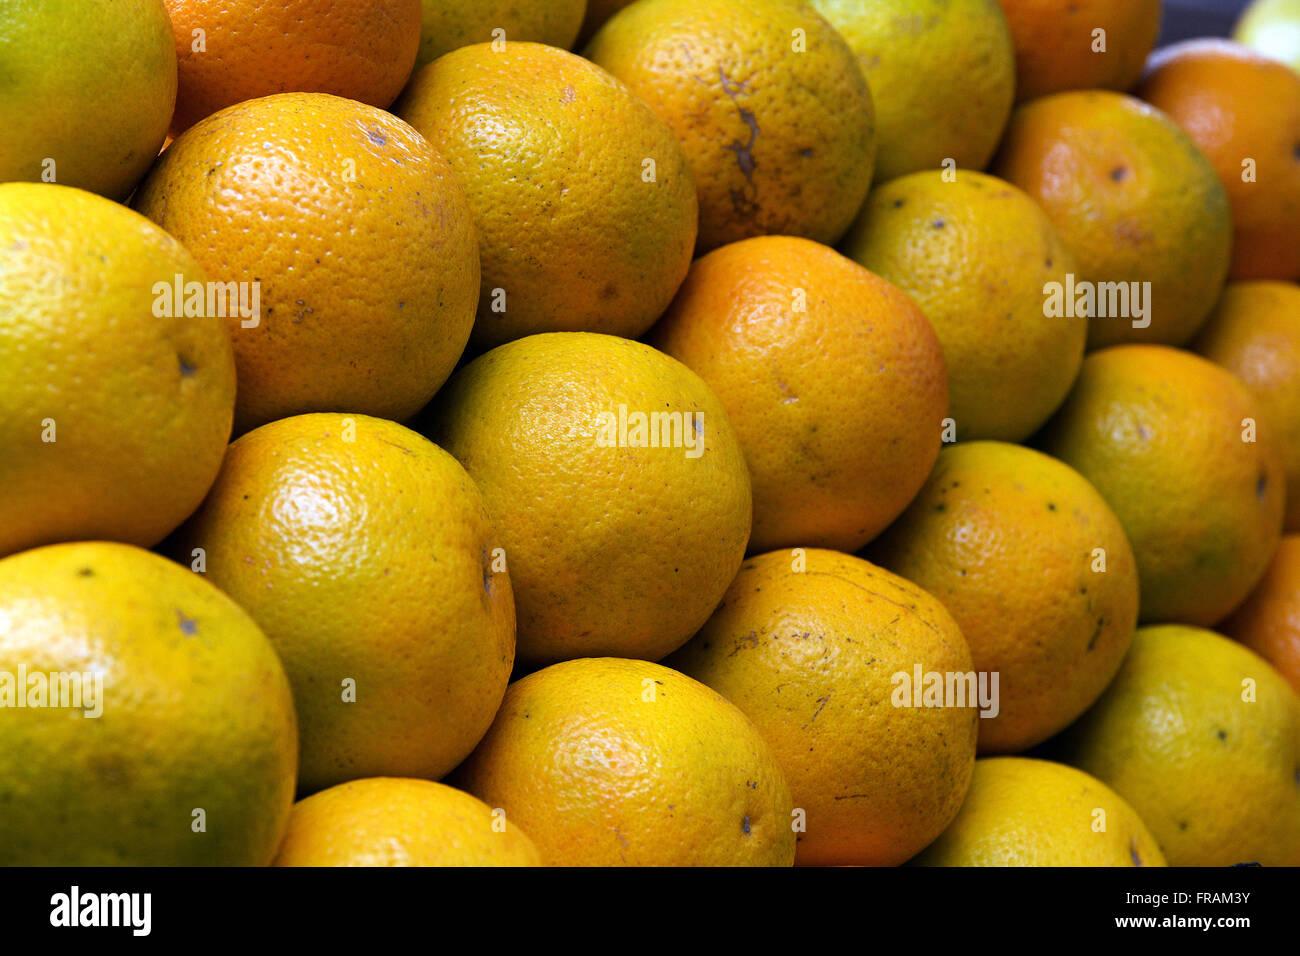 Laranjas-pera à venda em feira livre do bairro do Flamengo - Stock Image